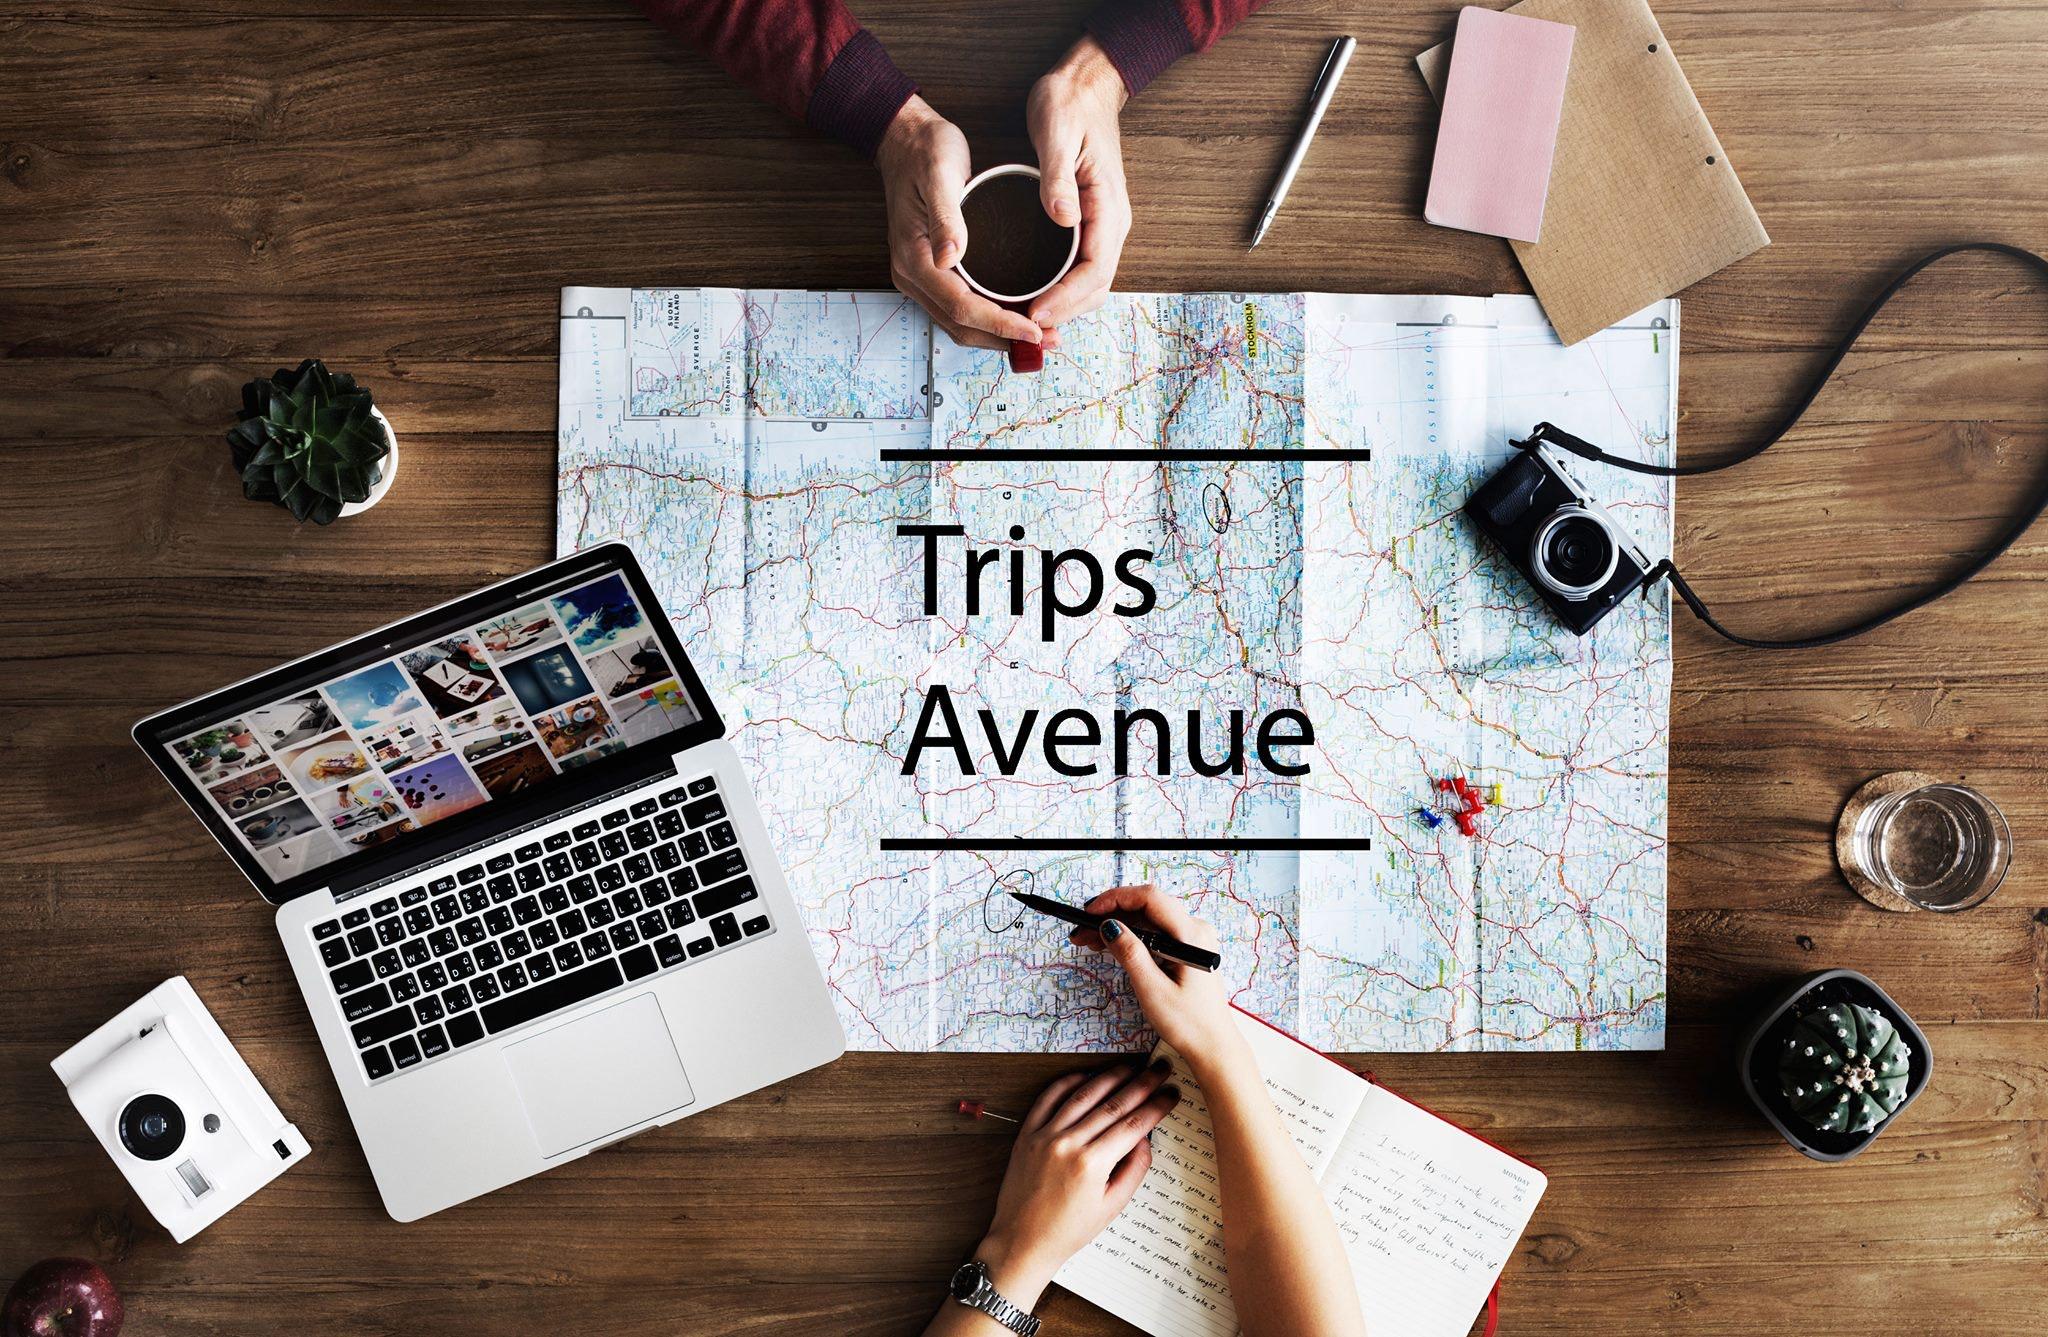 Trips Avenue